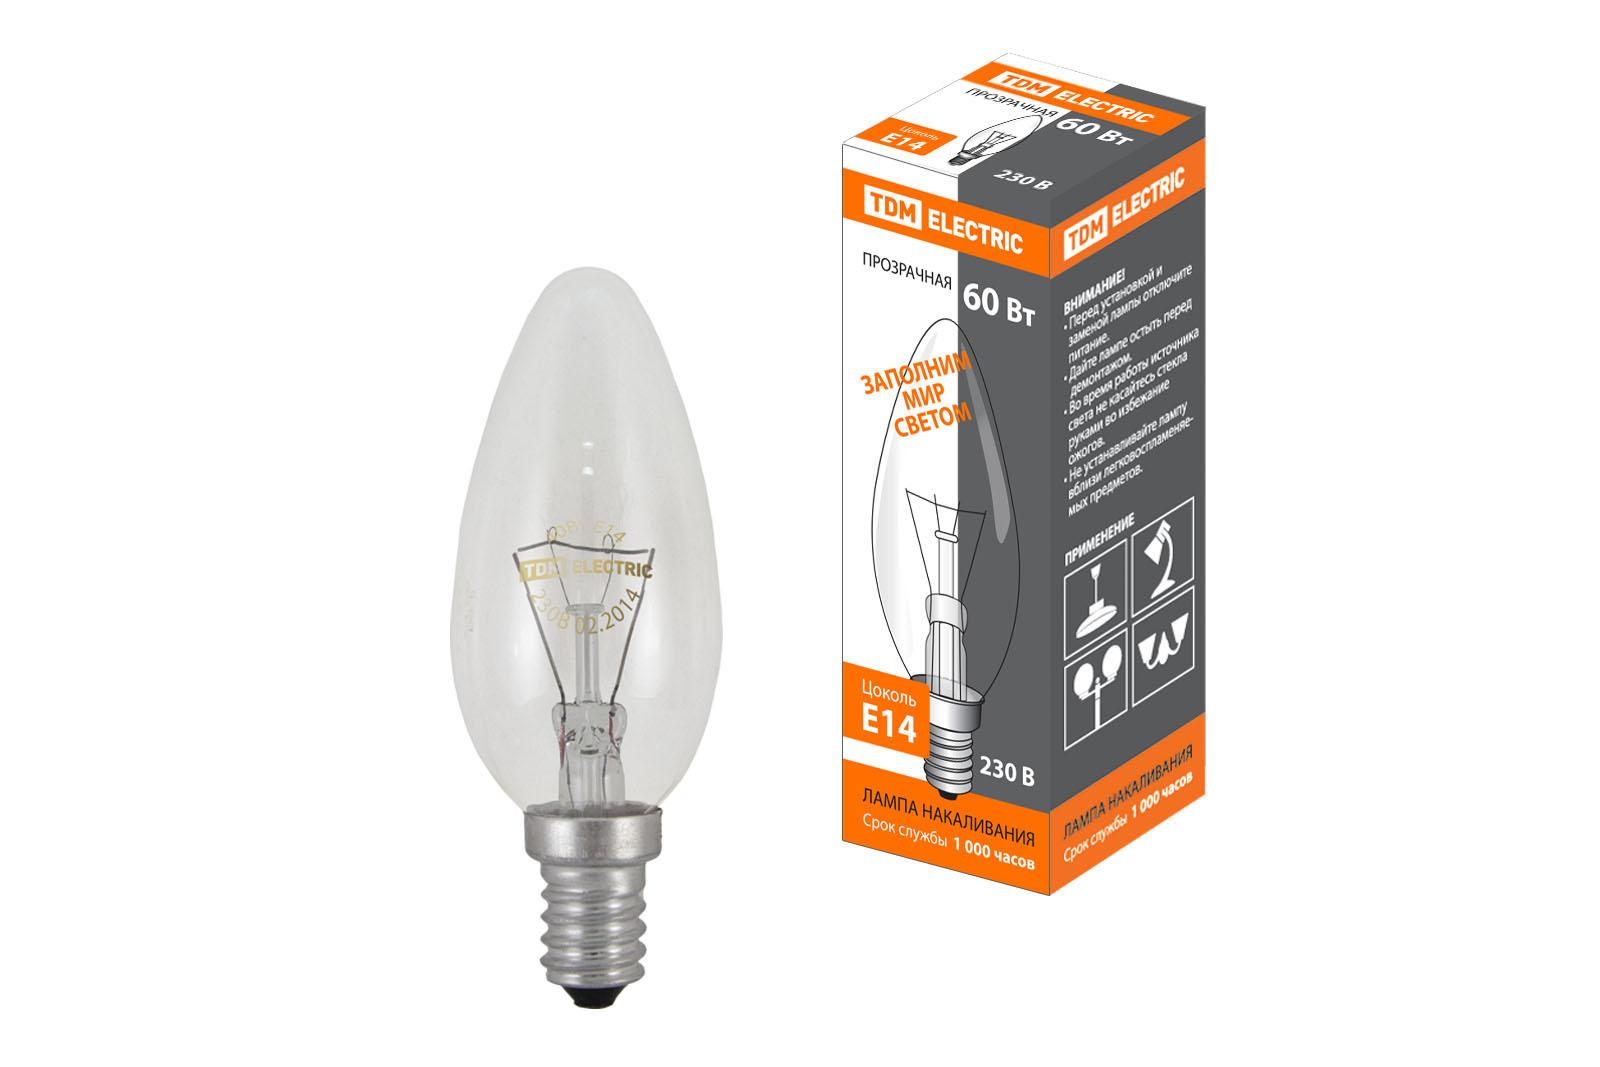 """Фото Лампа накаливания """"Свеча прозрачная"""" 60 Вт-230 В-E14 TDM {SQ0332-0011}"""